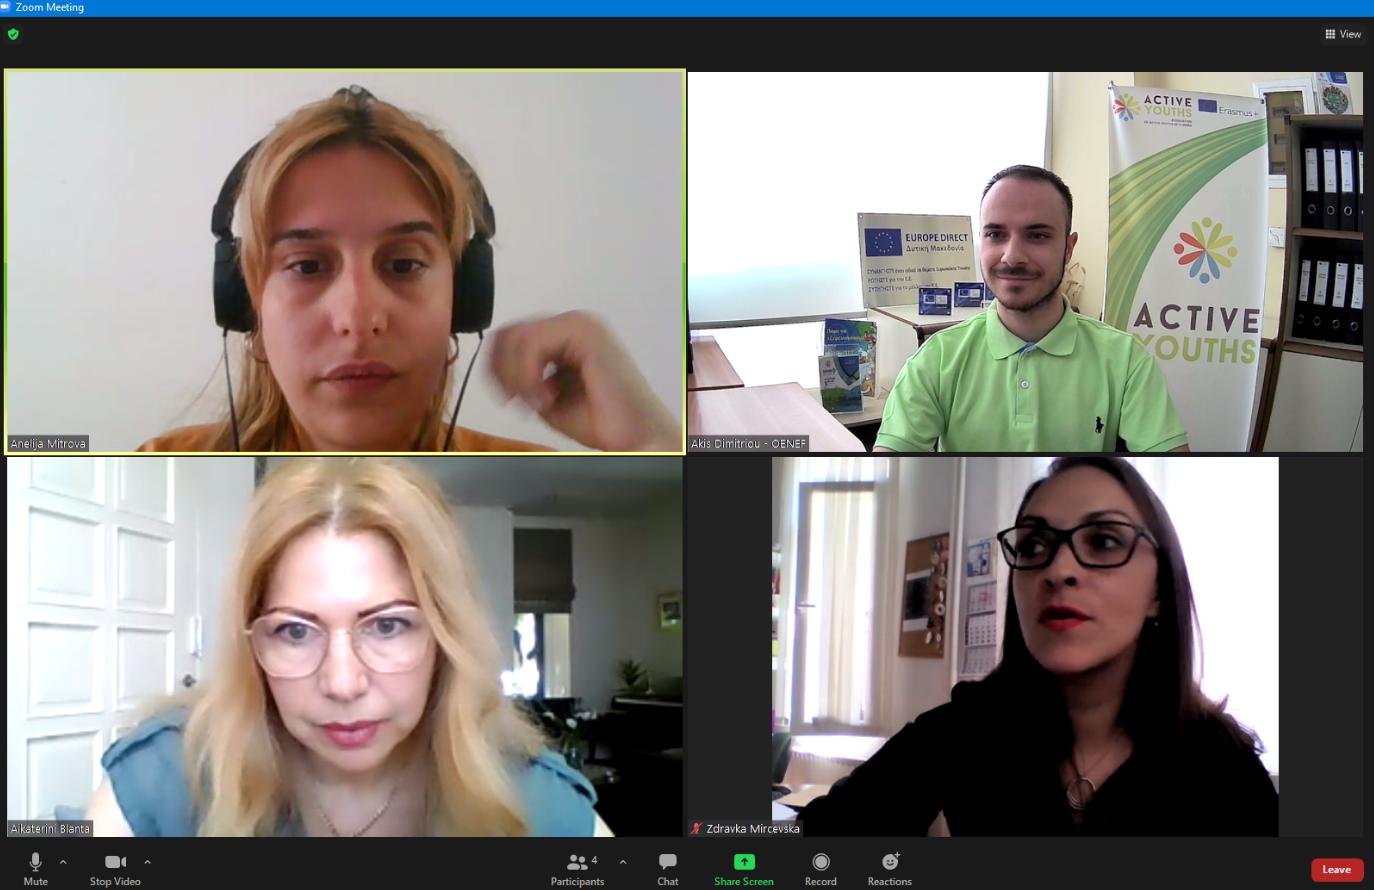 Διαδικτυακή εκδήλωση του Ομίλου Ενεργών Νέων Φλώρινας - Europe Direct Δυτικής Μακεδονίας  με το Youth Alliance